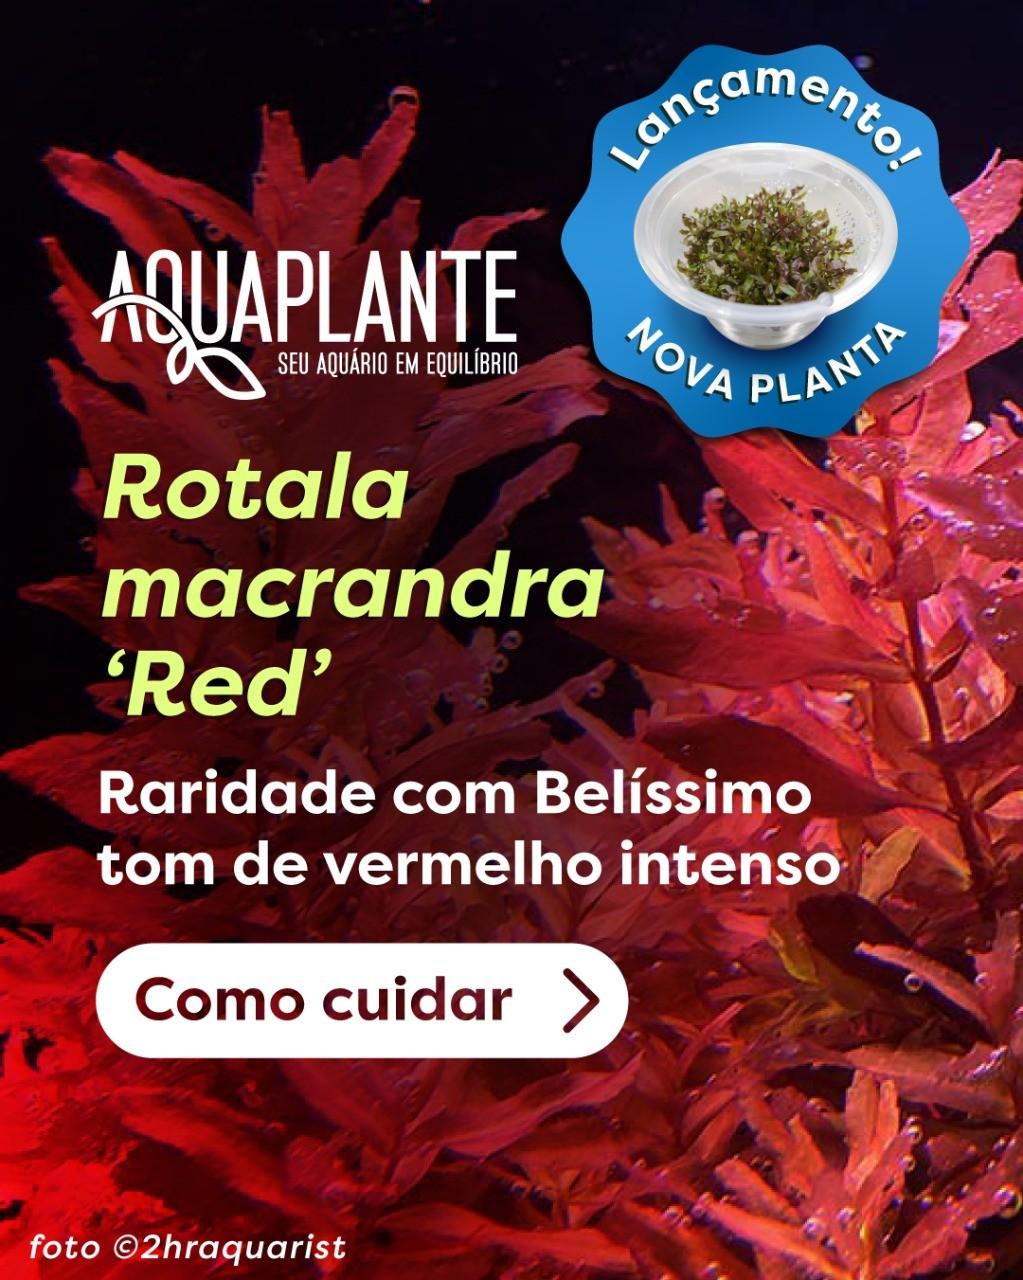 ROTALA MACRANDRA RED 'In vitro planta 100% Limpa de pragas e algas'